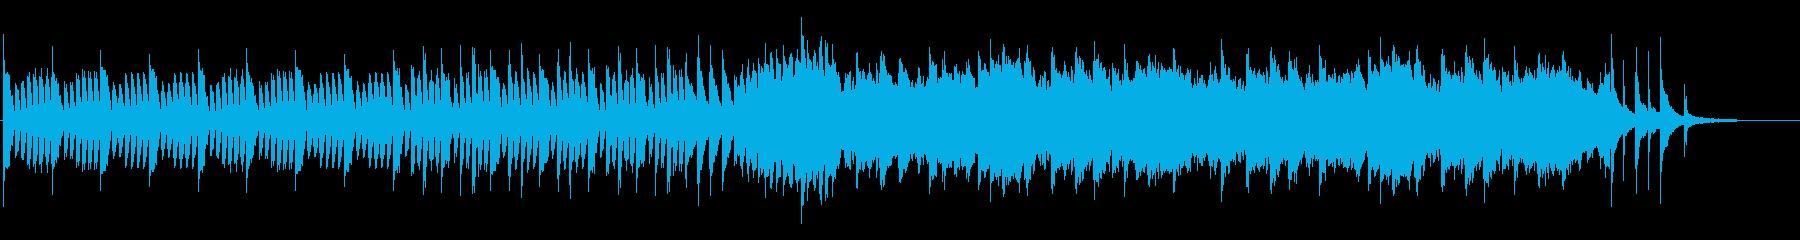 ほのぼの日常なフルートサウンドの再生済みの波形